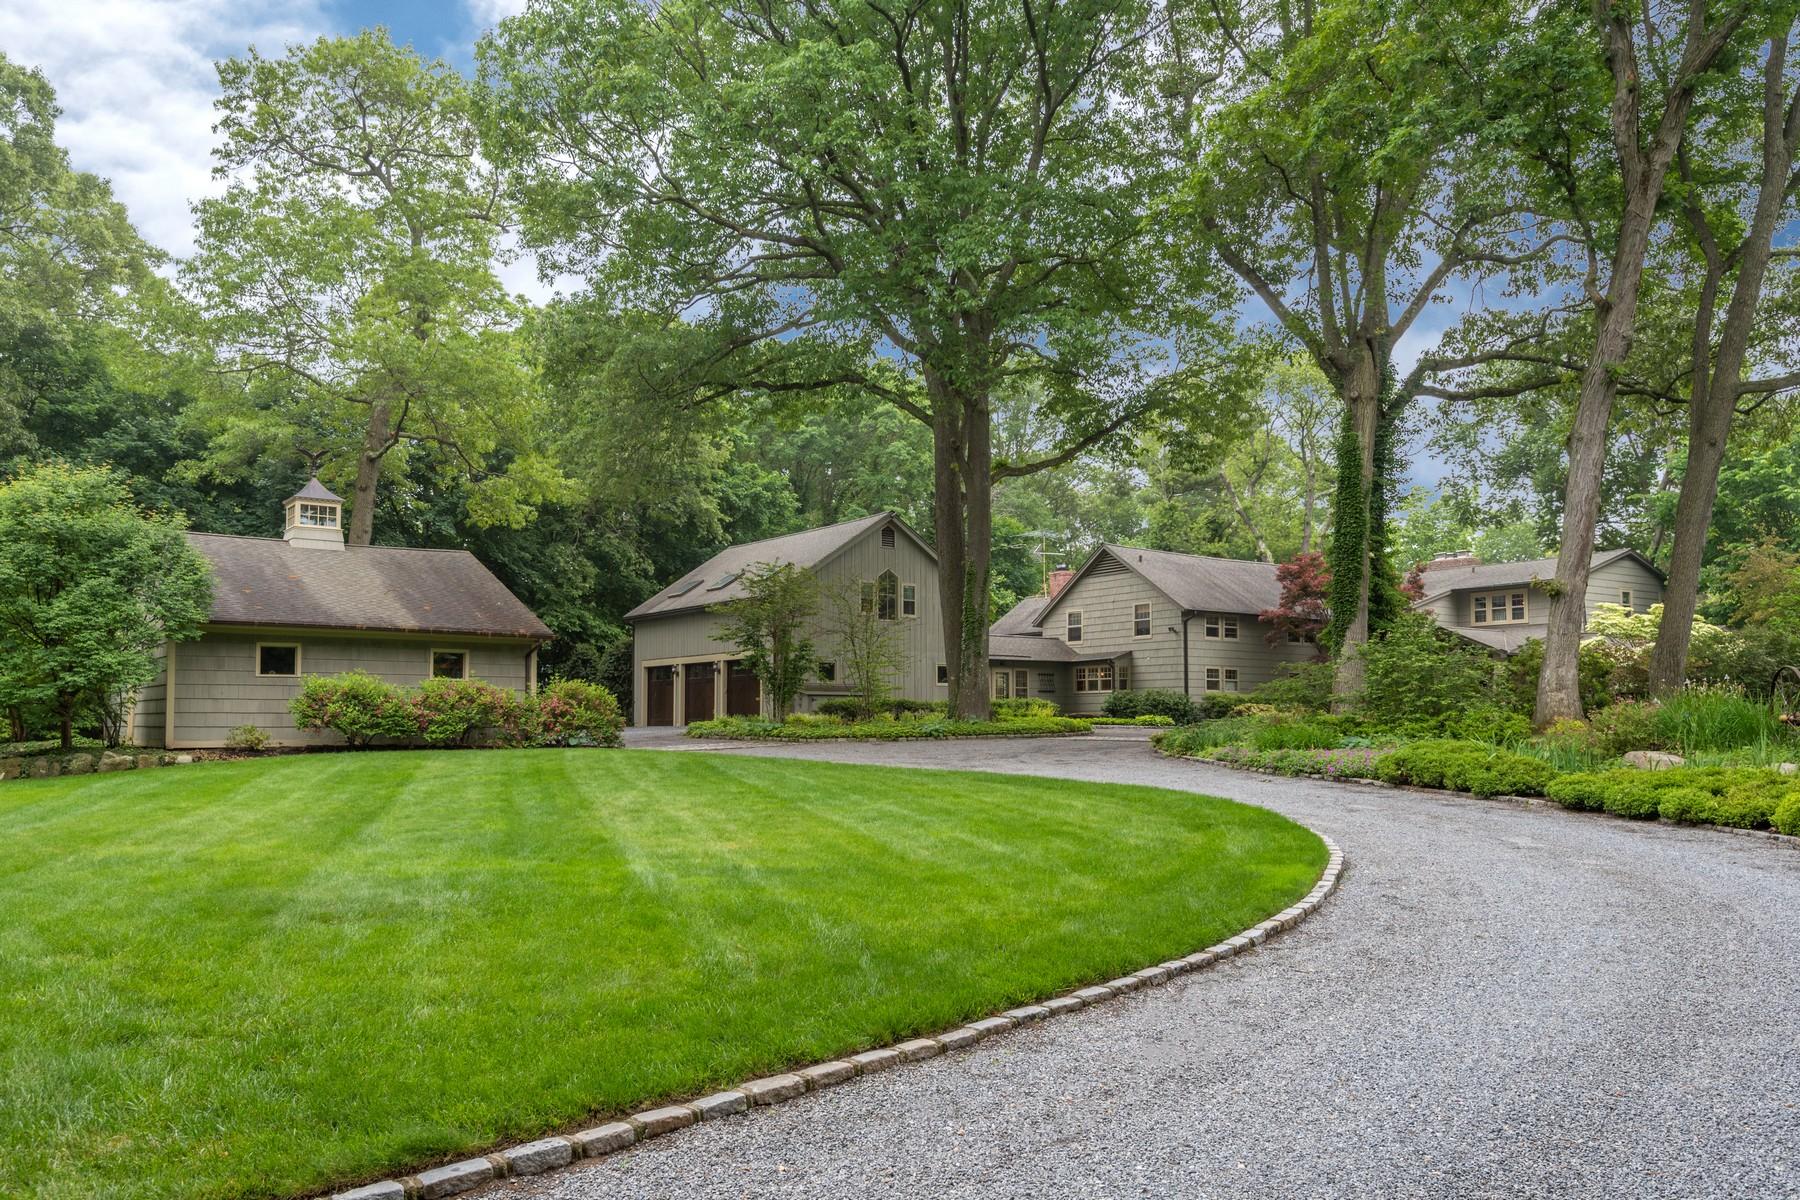 Tek Ailelik Ev için Satış at Farmhouse 62 Snake Hill Rd Cold Spring Harbor, New York, 11724 Amerika Birleşik Devletleri